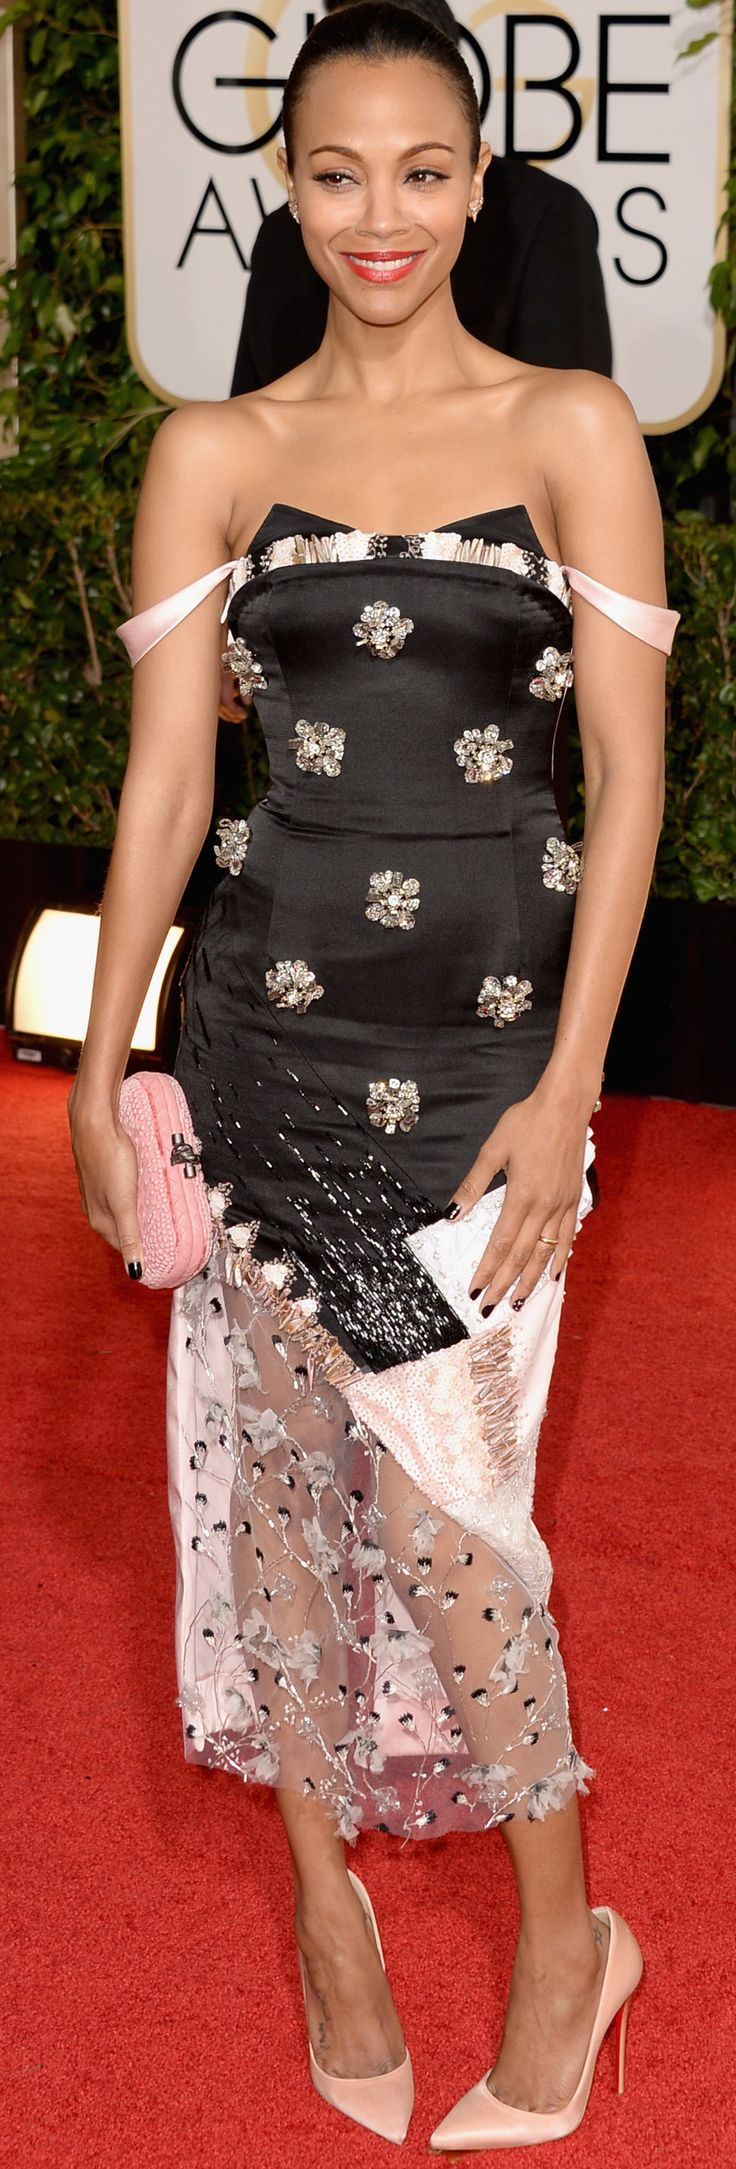 Zoe Saldana Prabal Gurung Dress at the 2014 Golden Globe Awards  | The House of Beccaria